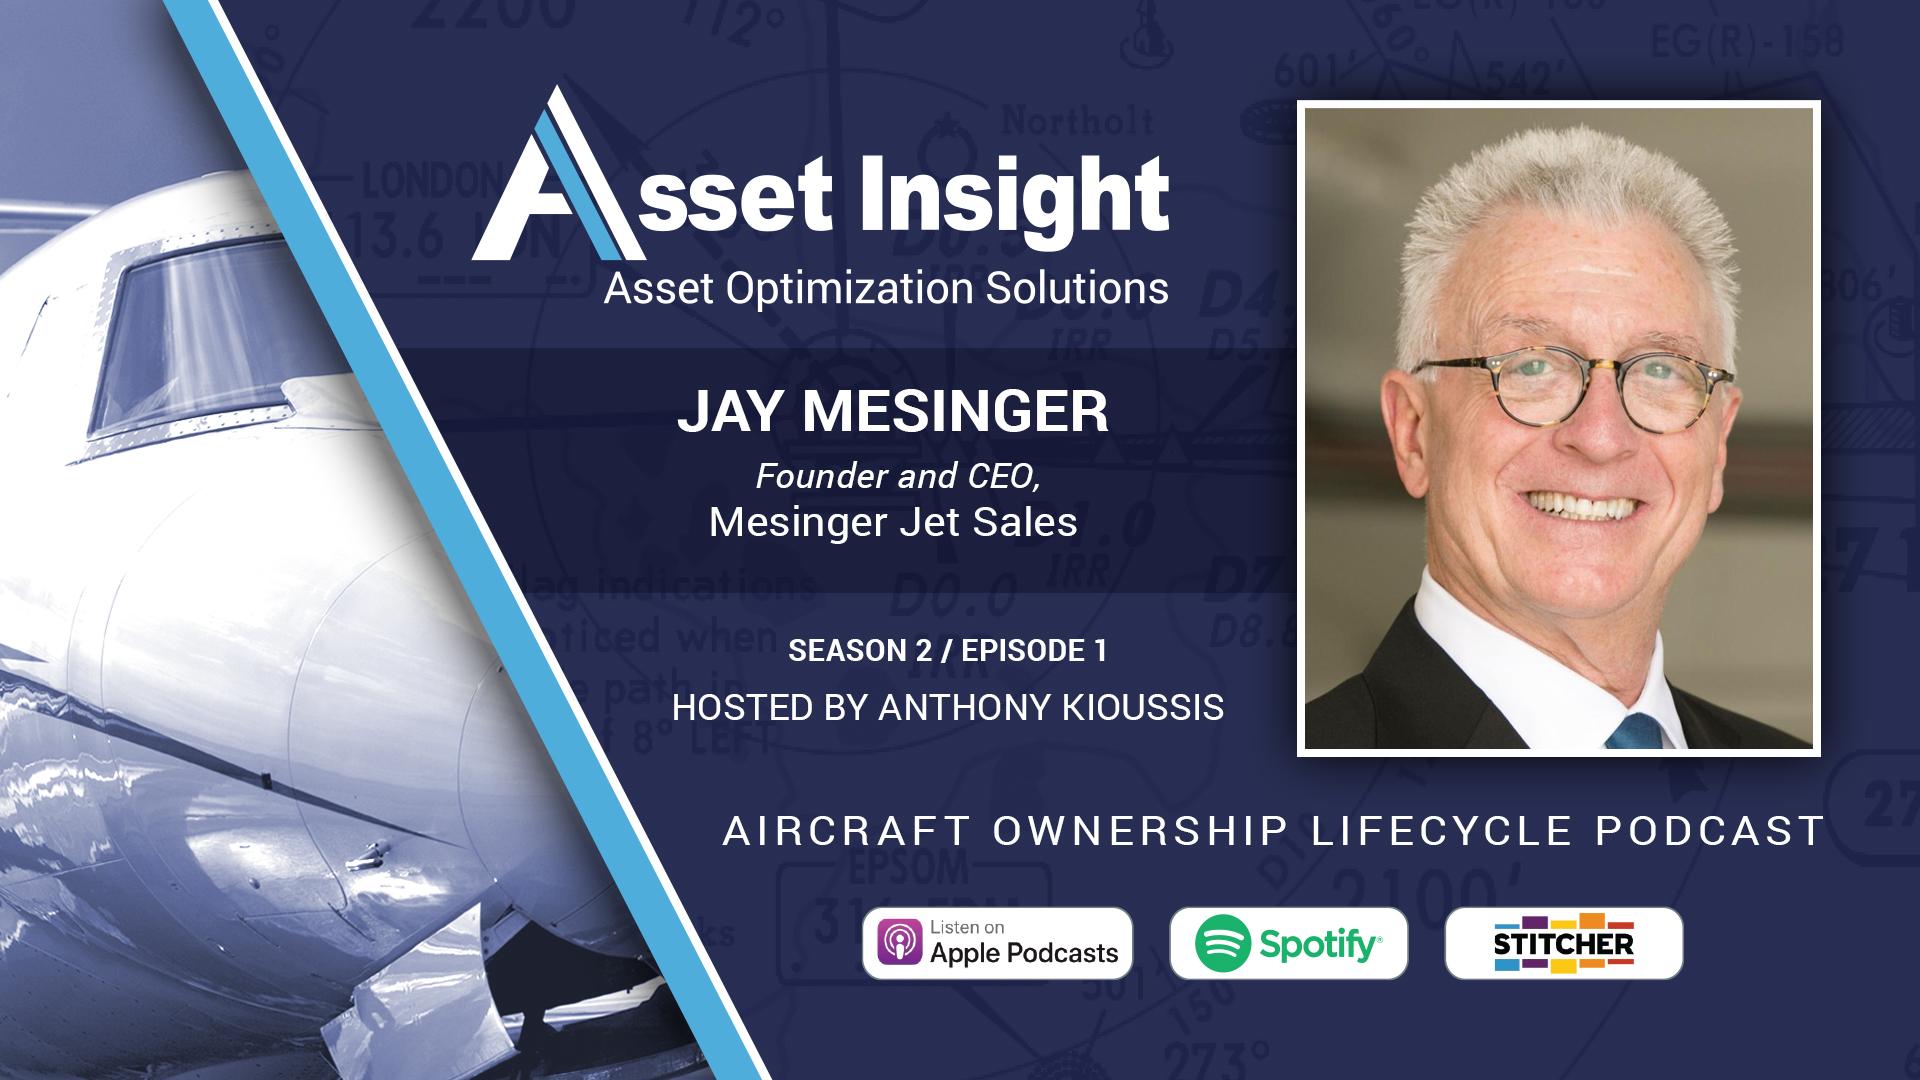 Jay Mesinger: A Look Back at 2020 and Ahead at 2021